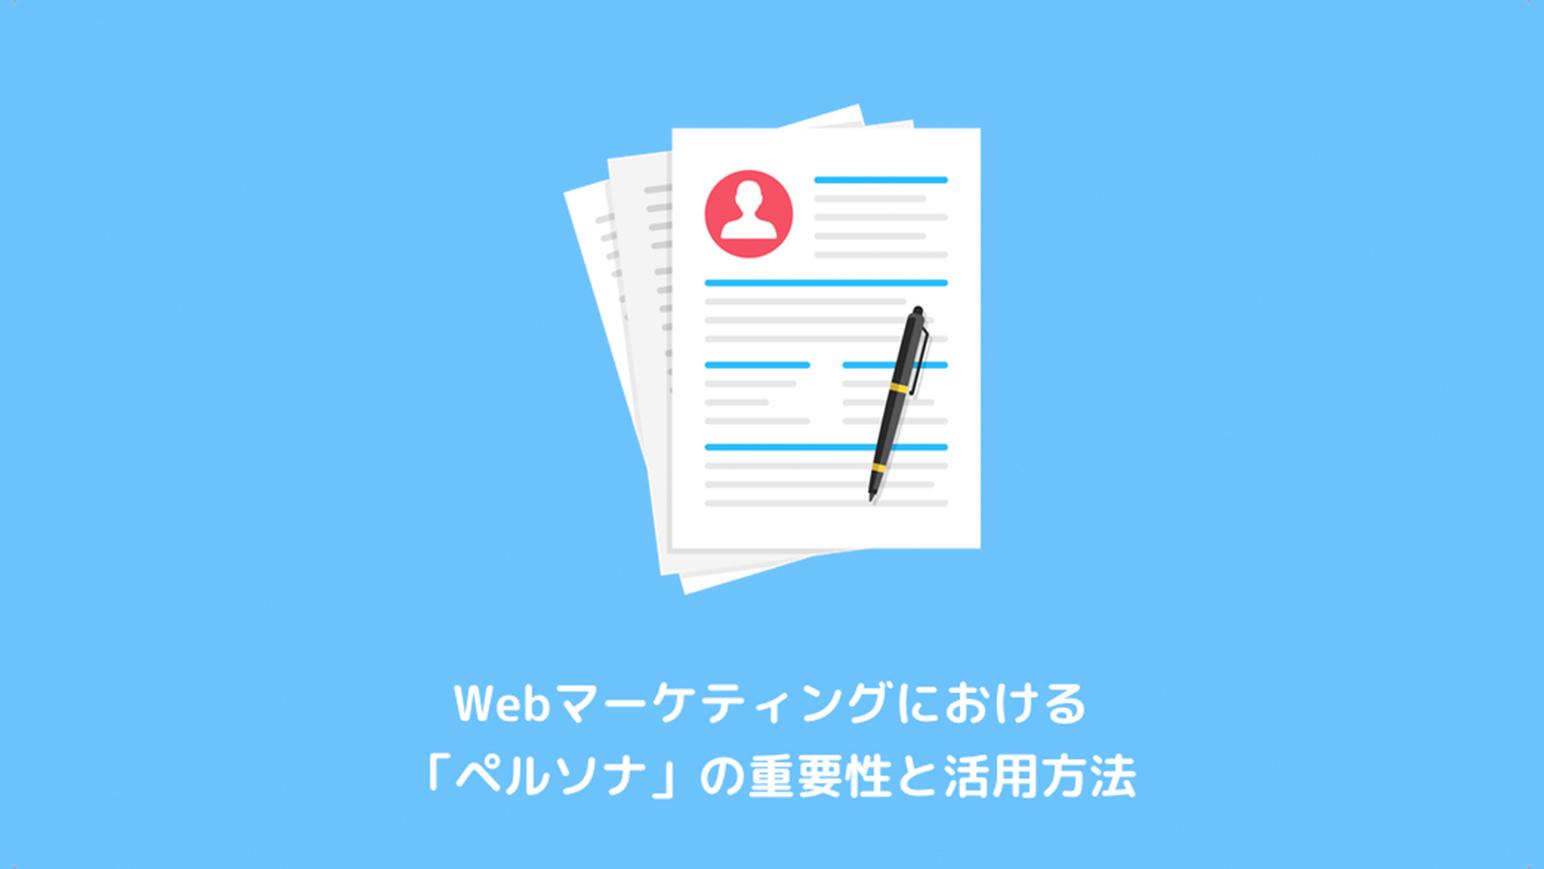 Webマーケティングにおける「ペルソナ」の重要性と活用方法のアイキャッチ